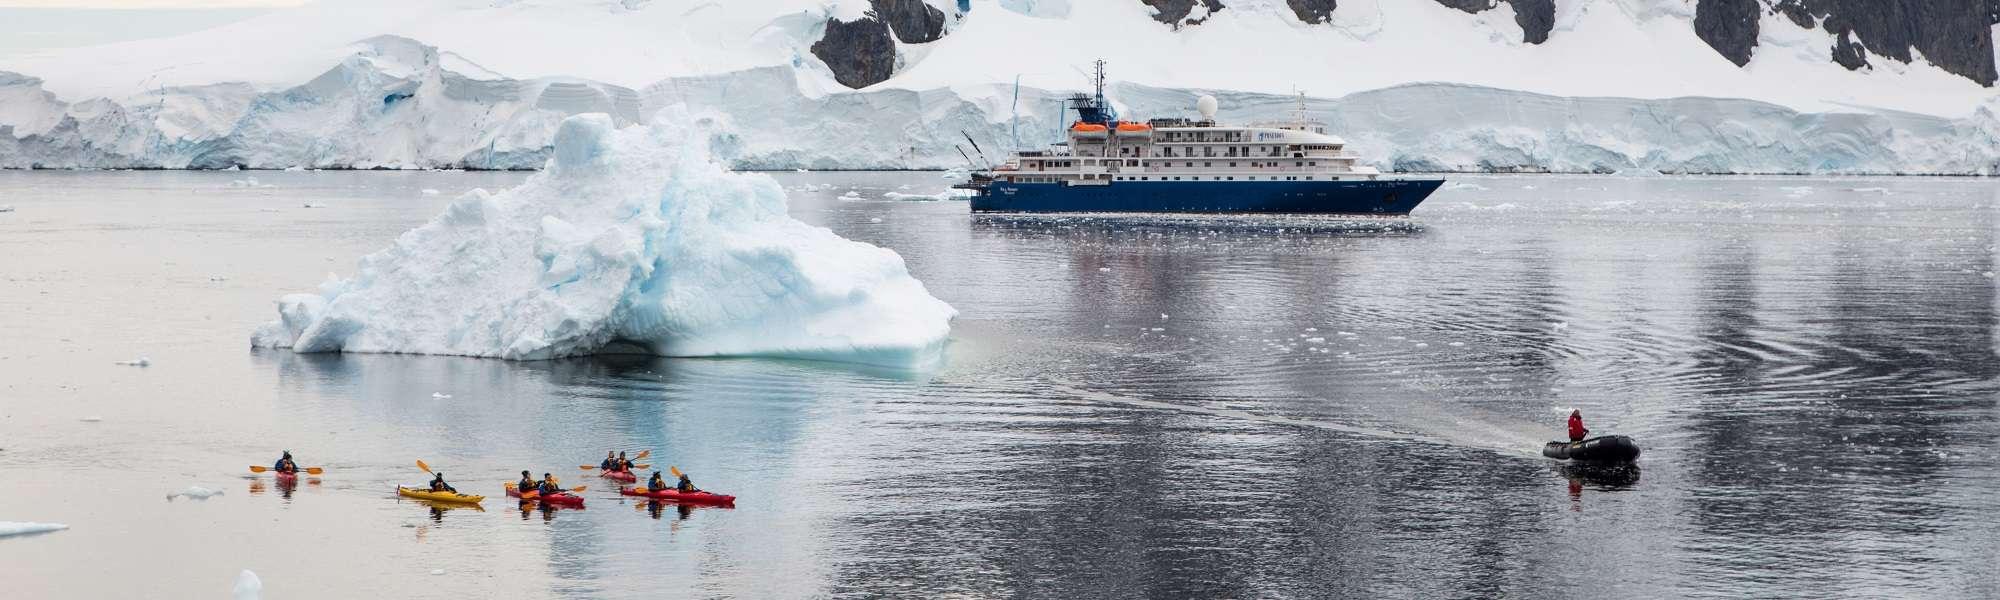 Sea Spirit Luxury Cruises Antarctica Falklands Amp South Georgia